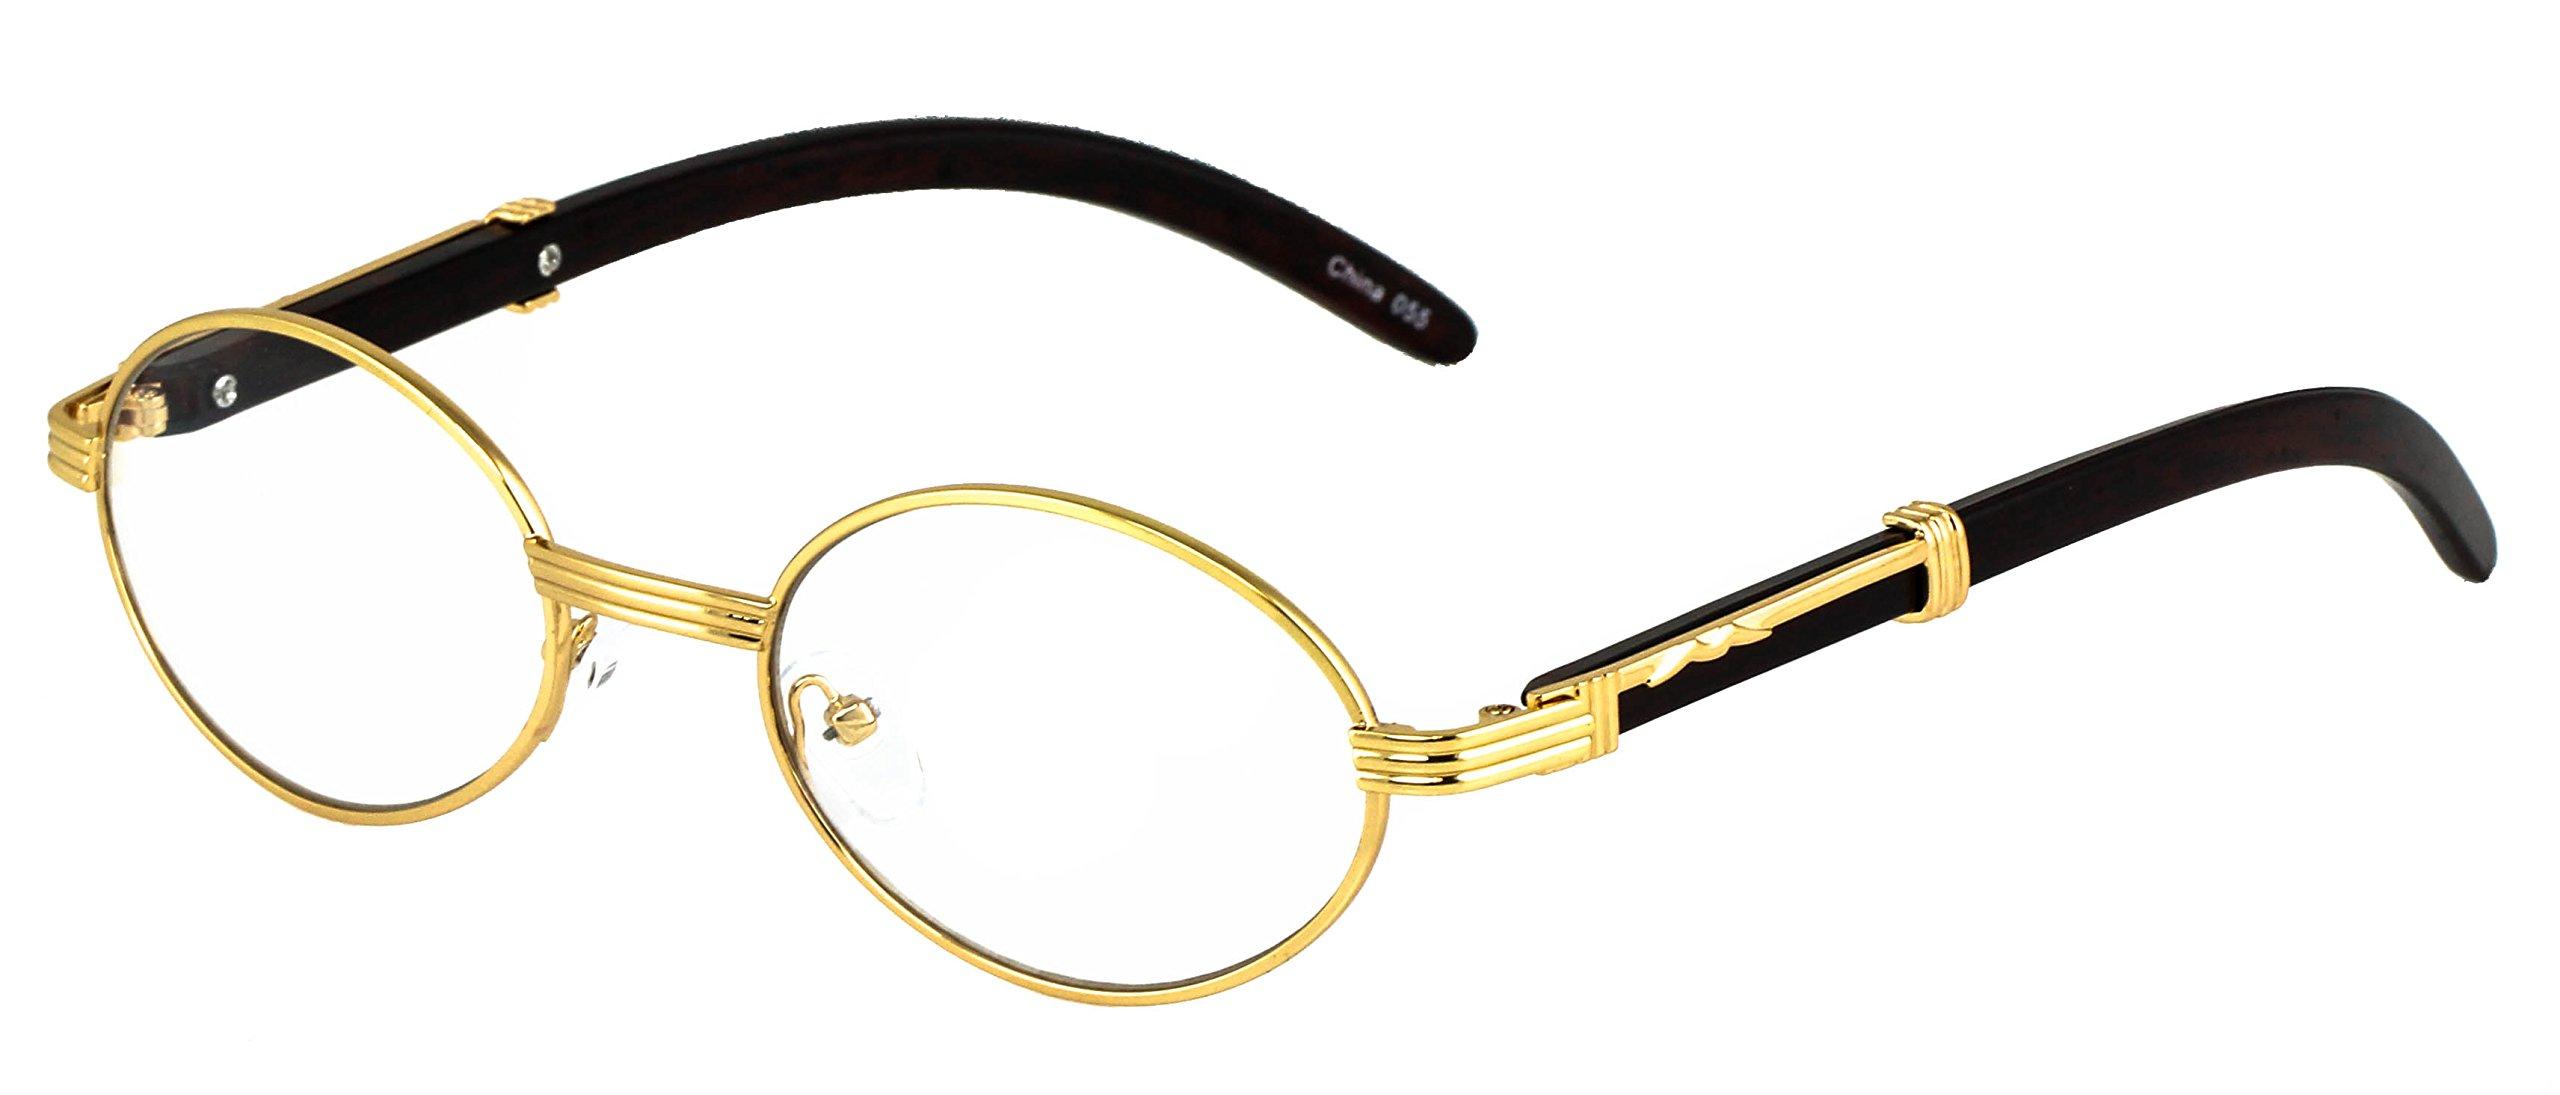 Elite WOOD Art Clear Lens Eyeglasses Unisex Vintage Fashion Oval Frame Glasses (Gold, 2)